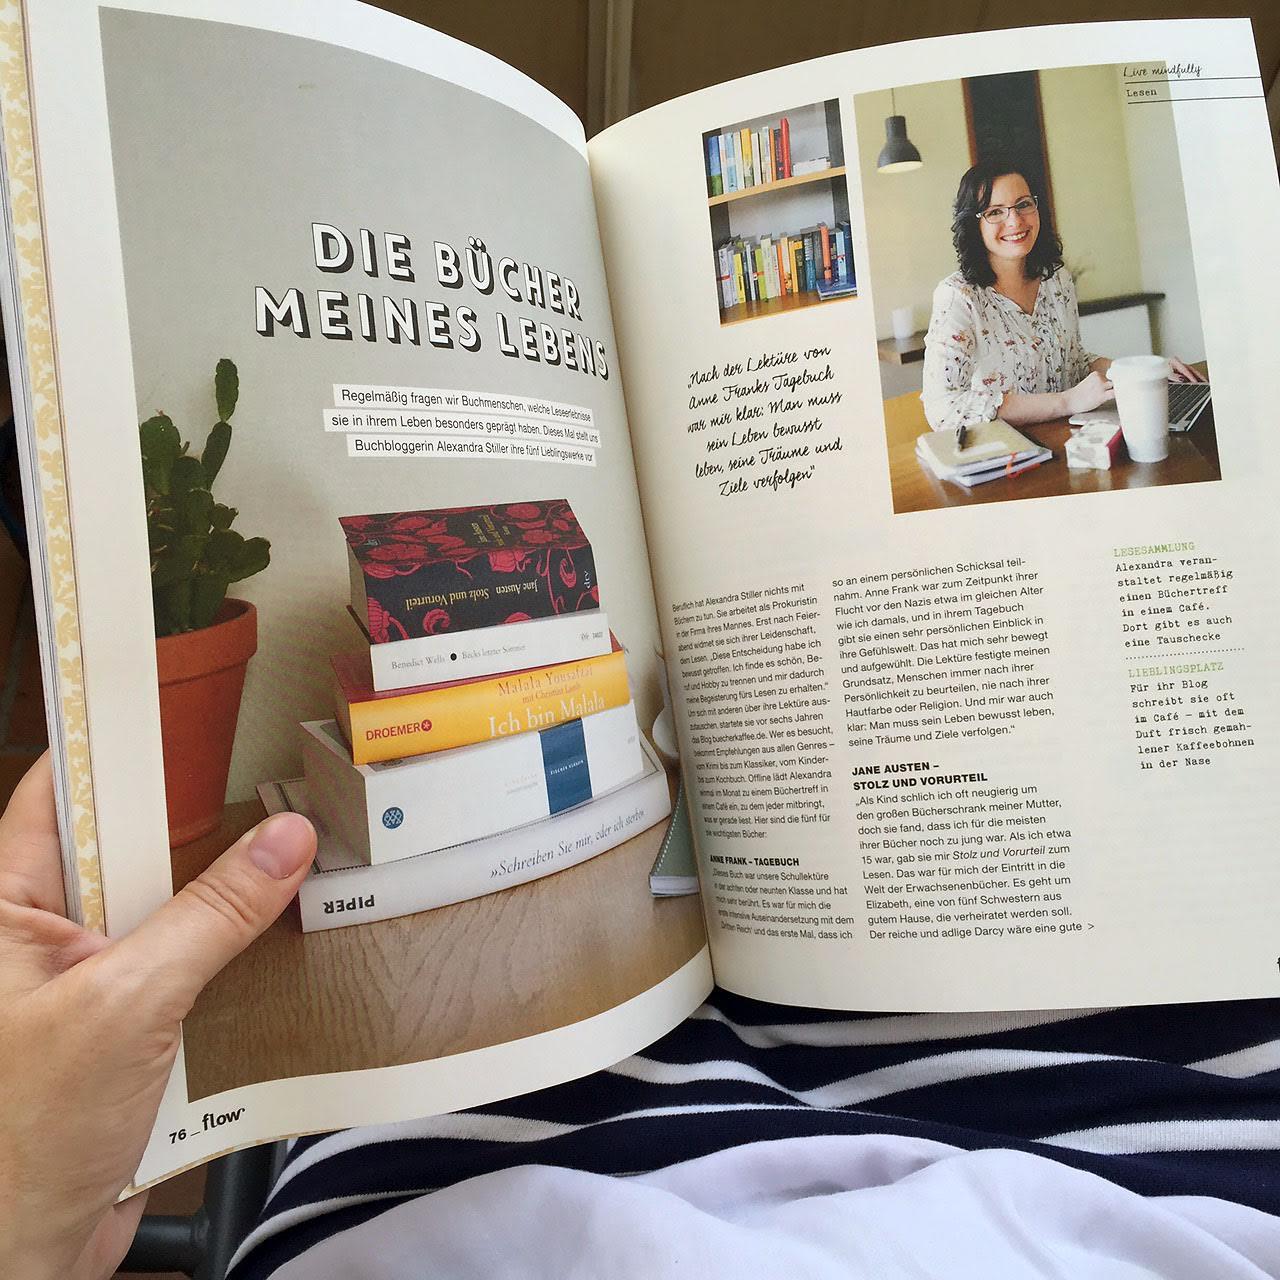 Alexandra Stiller Die Bücher meines Lebens for flow